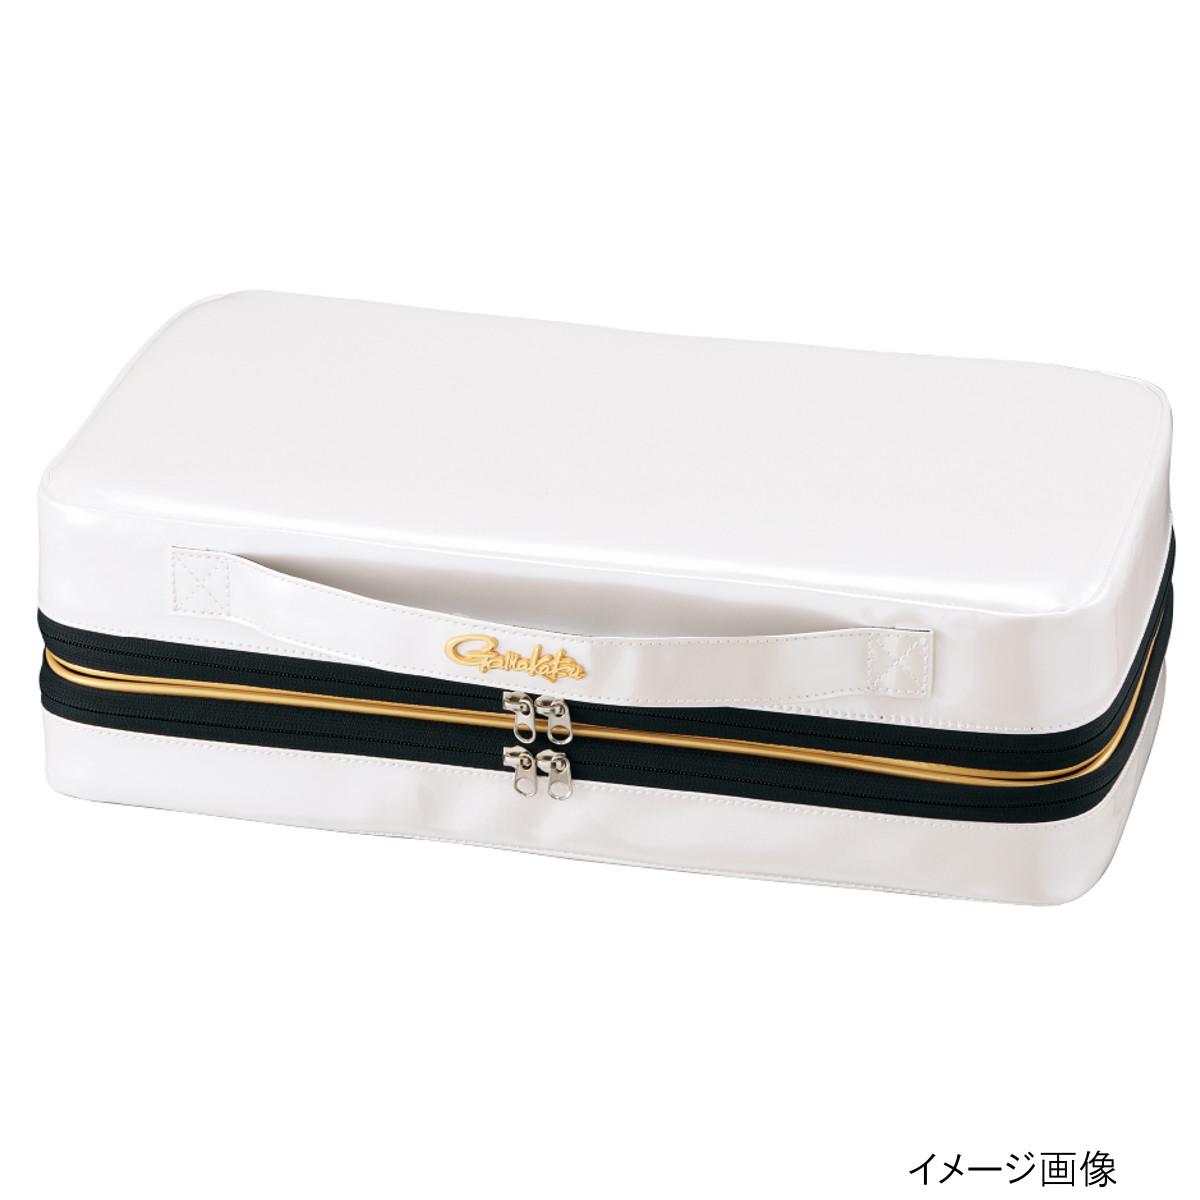 がまかつ へらクッション4 GM-2430 ホワイト(東日本店)